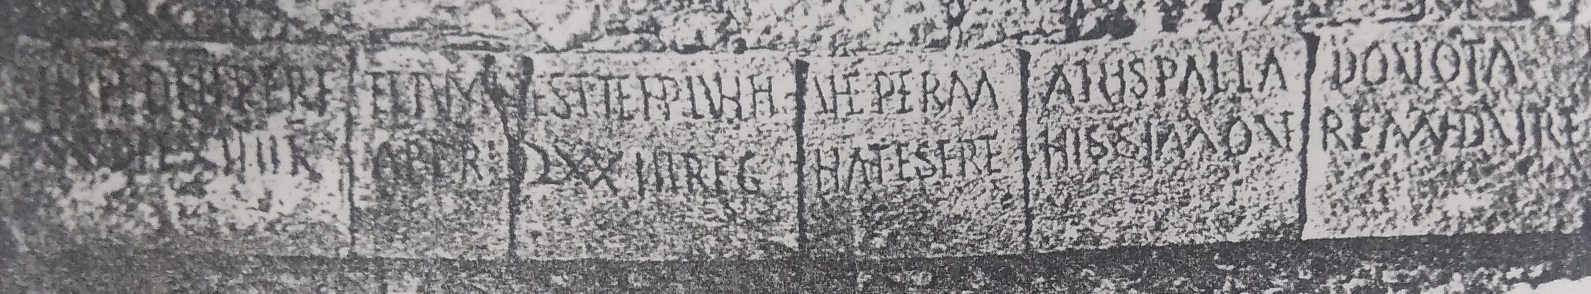 Reprodução em gesso da inscrição lapidar de Vairão